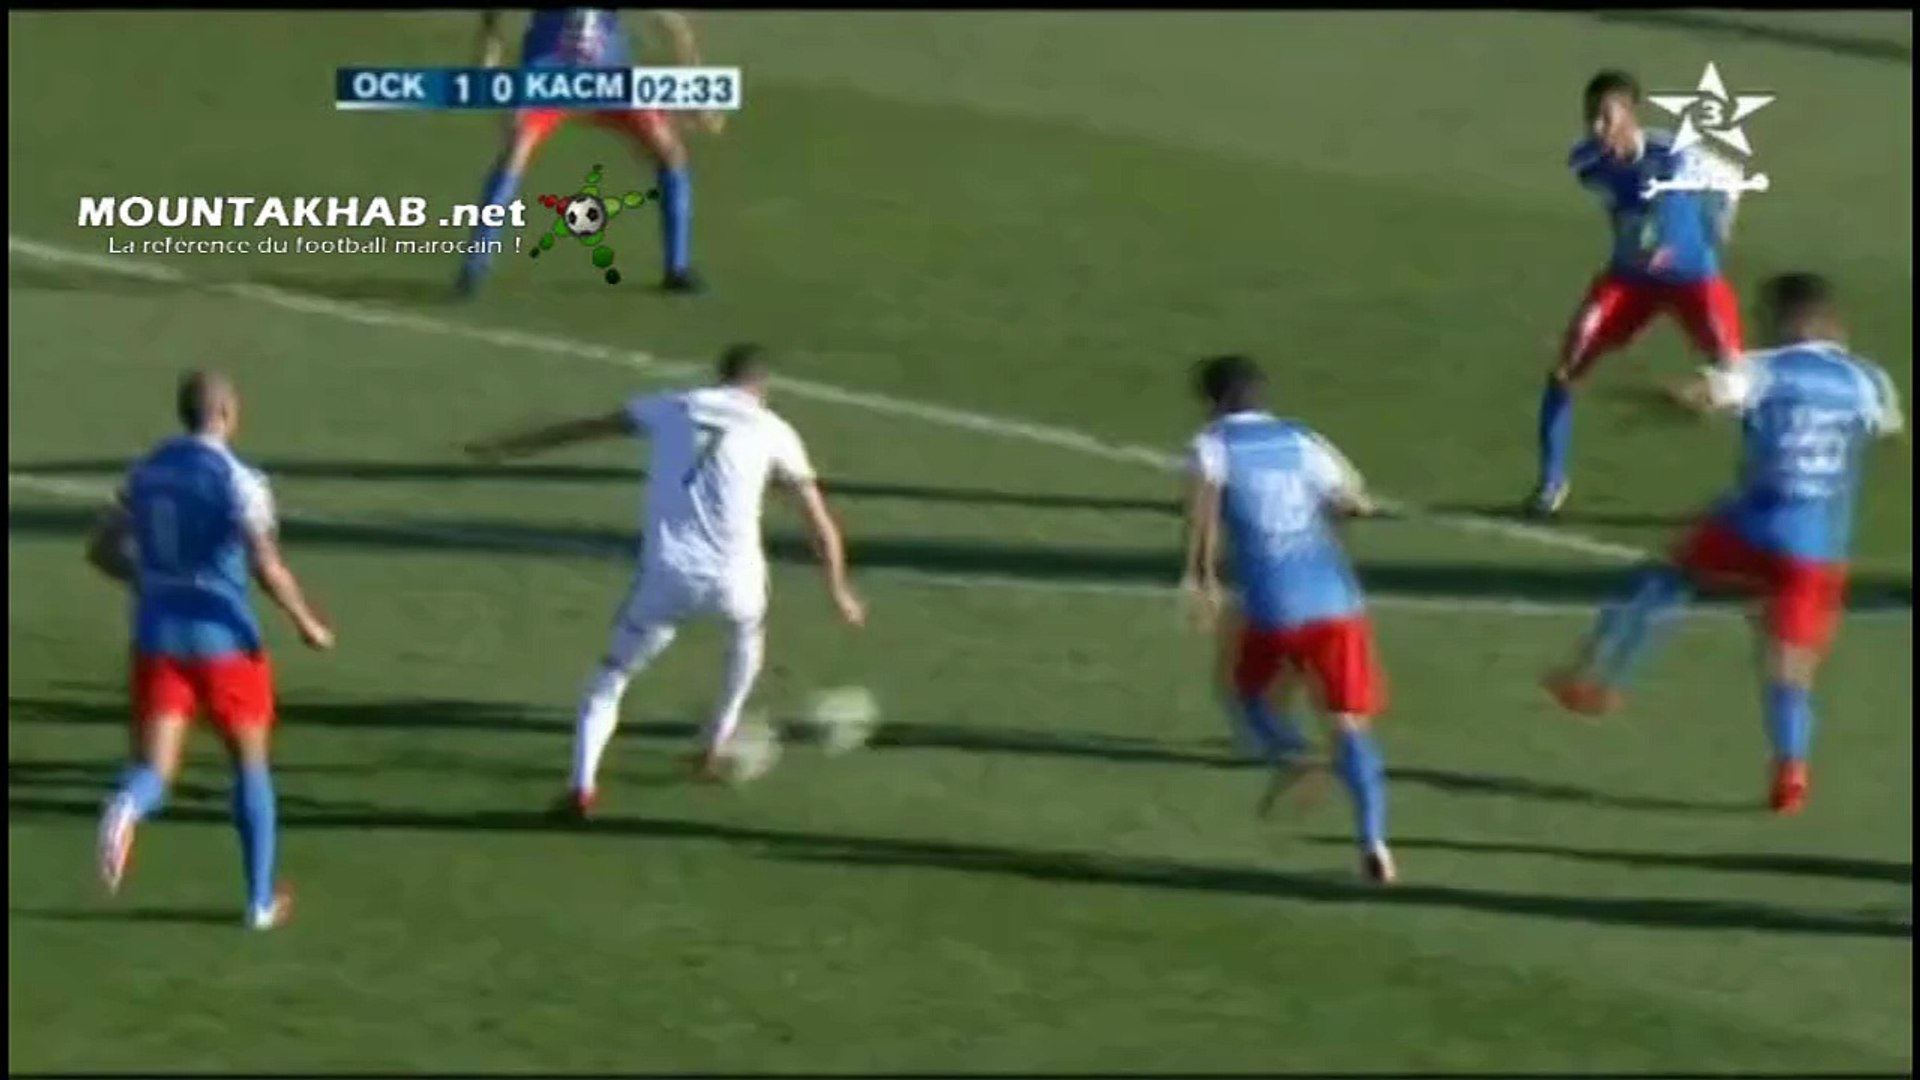 OCK VS KACM 3-0 أولمبيك خريبكة ضد الكوكب المراكشي - Vidéo Dailymotion